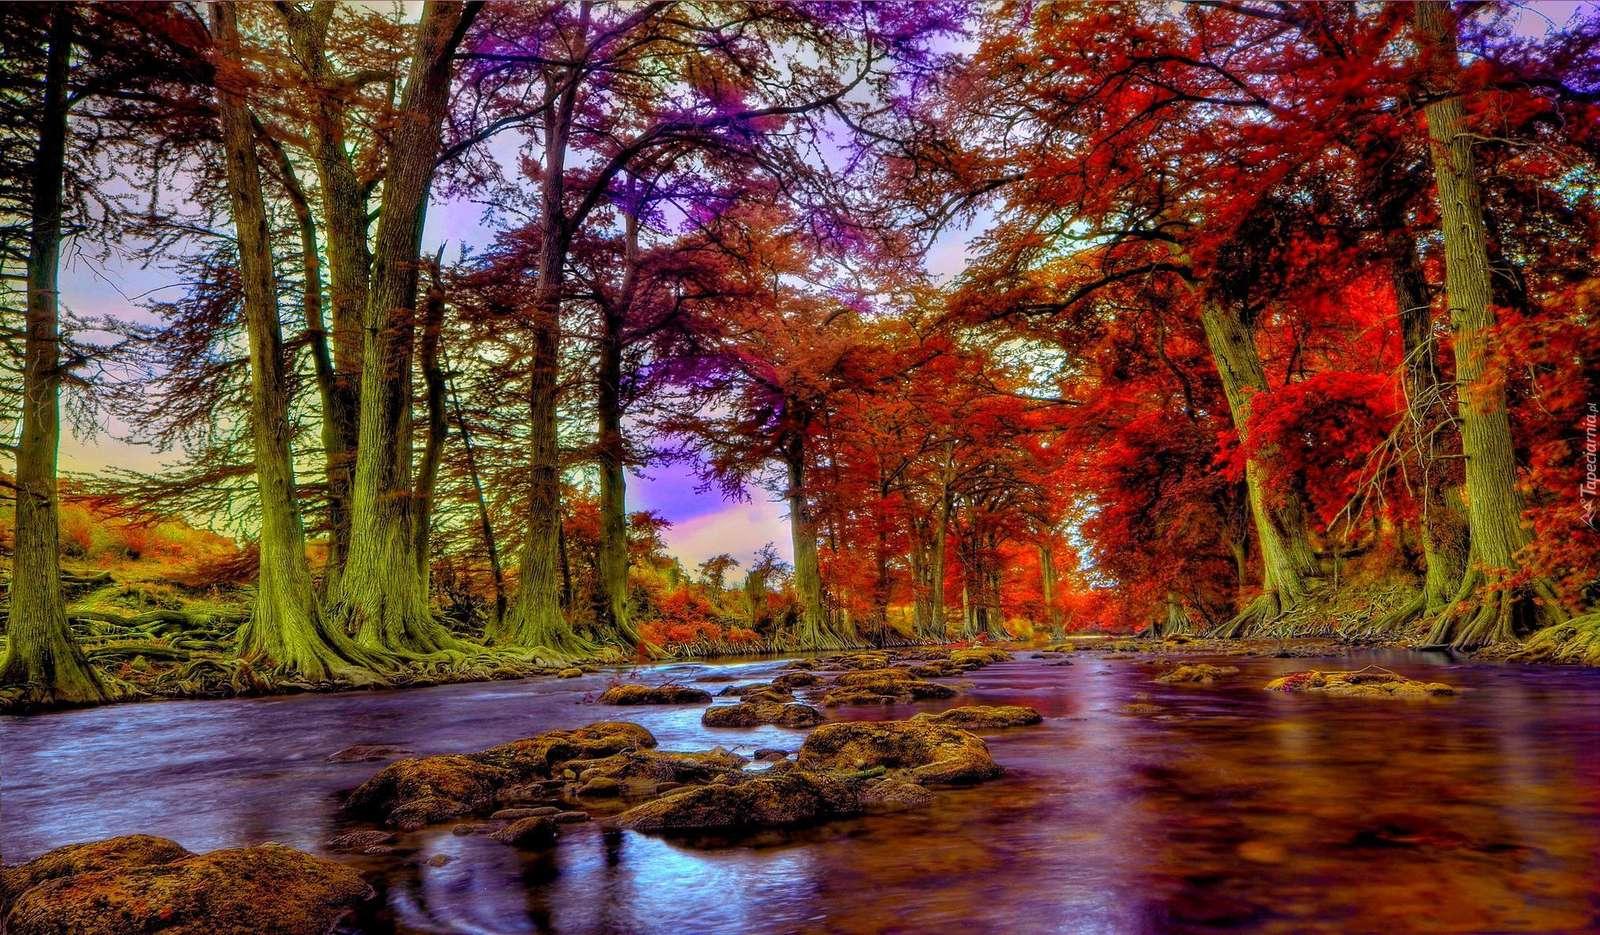 Падане на вода - вода, дървета, есенна река (11×7)